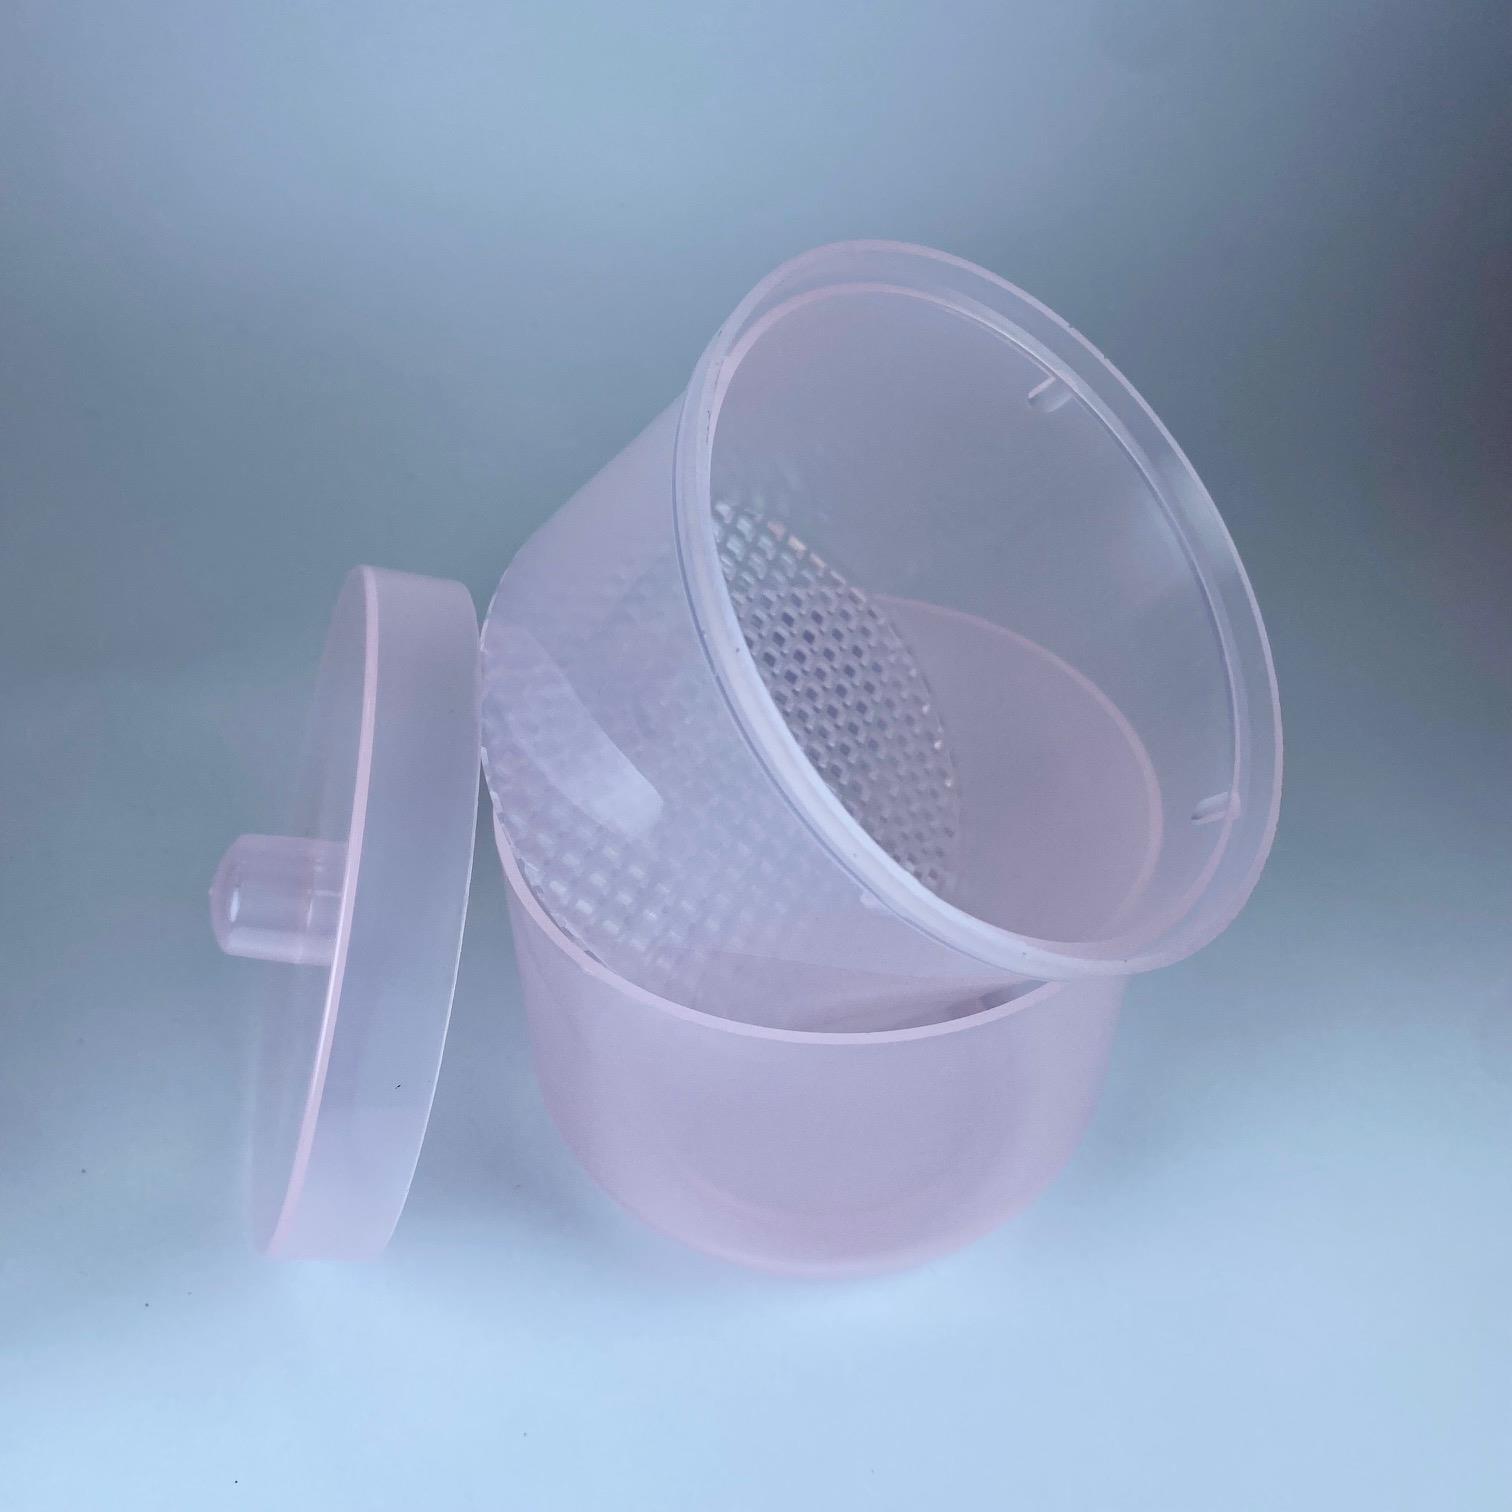 סיר פלסטיק עם מכסה לחיטוי ראשי שיוף